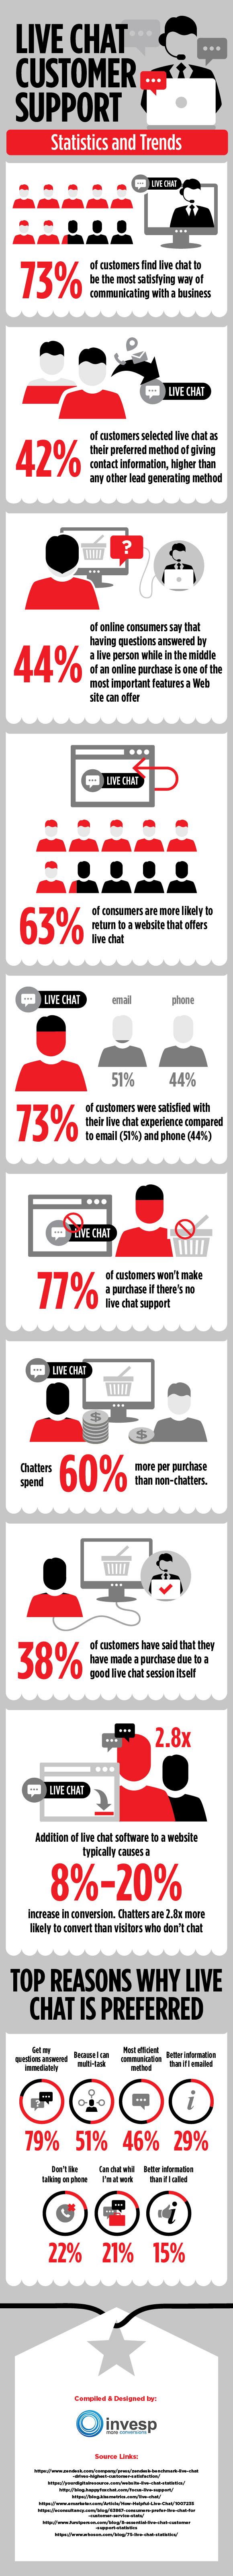 Chats en atención al público: estadísticas y tendencias